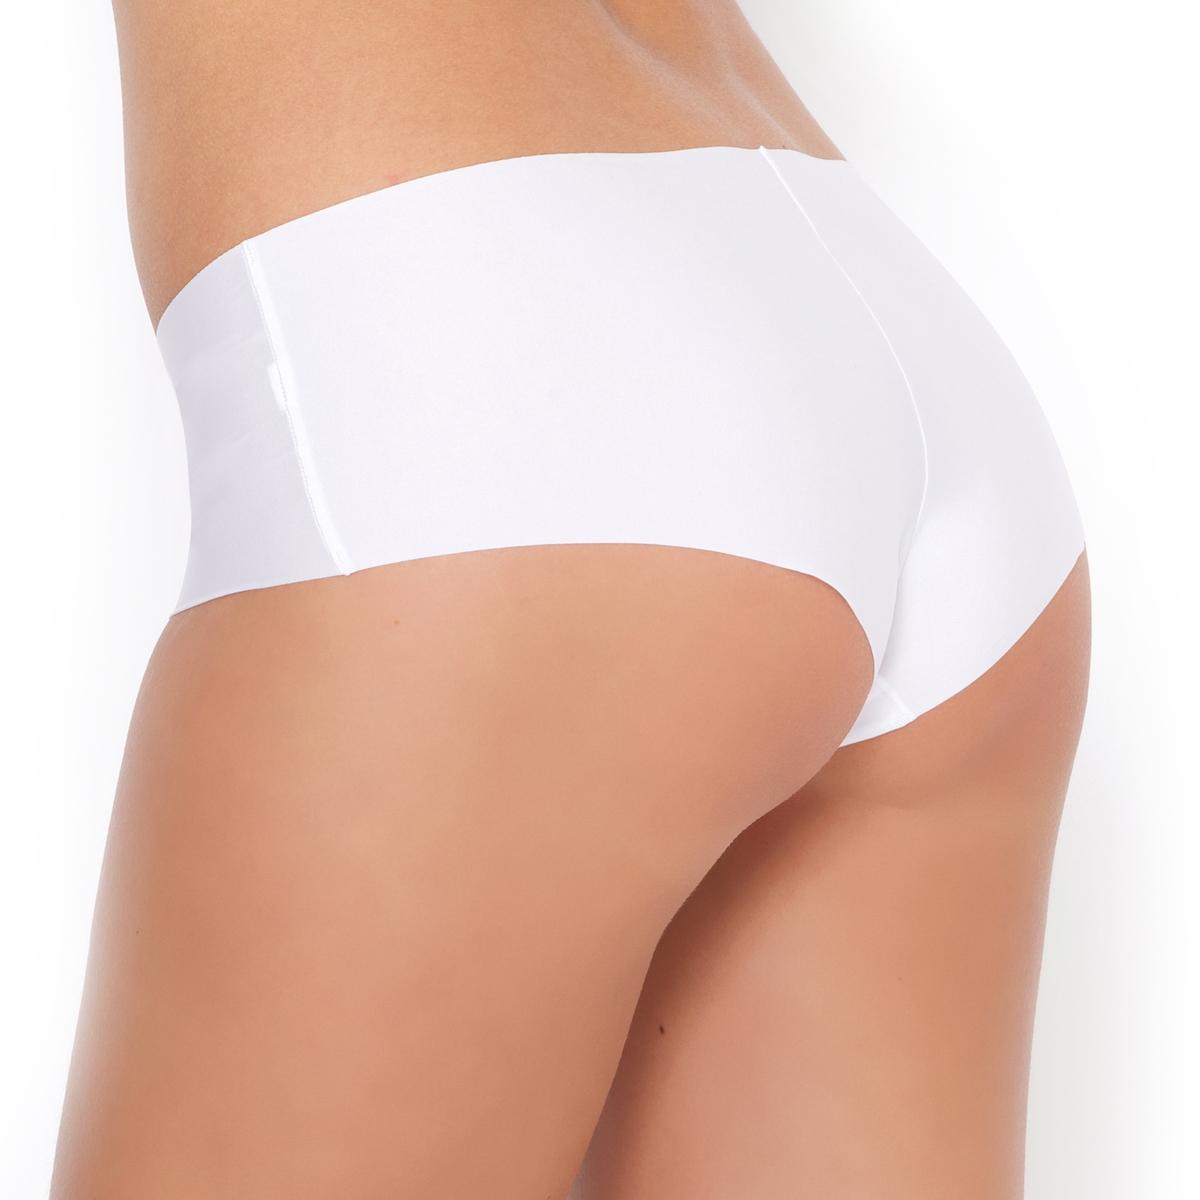 2 трусов-шортов, незаметные под одеждой2 трусов-шортов, незаметные под одеждой. Невидимые швы : совершенно не заметны под одеждой . Ластовица на подкладке из хлопка. Мягкий эластичный трикотаж 86% полиамида, 14% эластана . Комплект из 2 трусов-шортов.<br><br>Цвет: белый,телесный,черный<br>Размер: 46/48 (FR) - 52/54 (RUS).42/44 (FR) - 48/50 (RUS).38/40 (FR) - 44/46 (RUS).34/36 (FR) - 40/42 (RUS).34/36 (FR) - 40/42 (RUS)